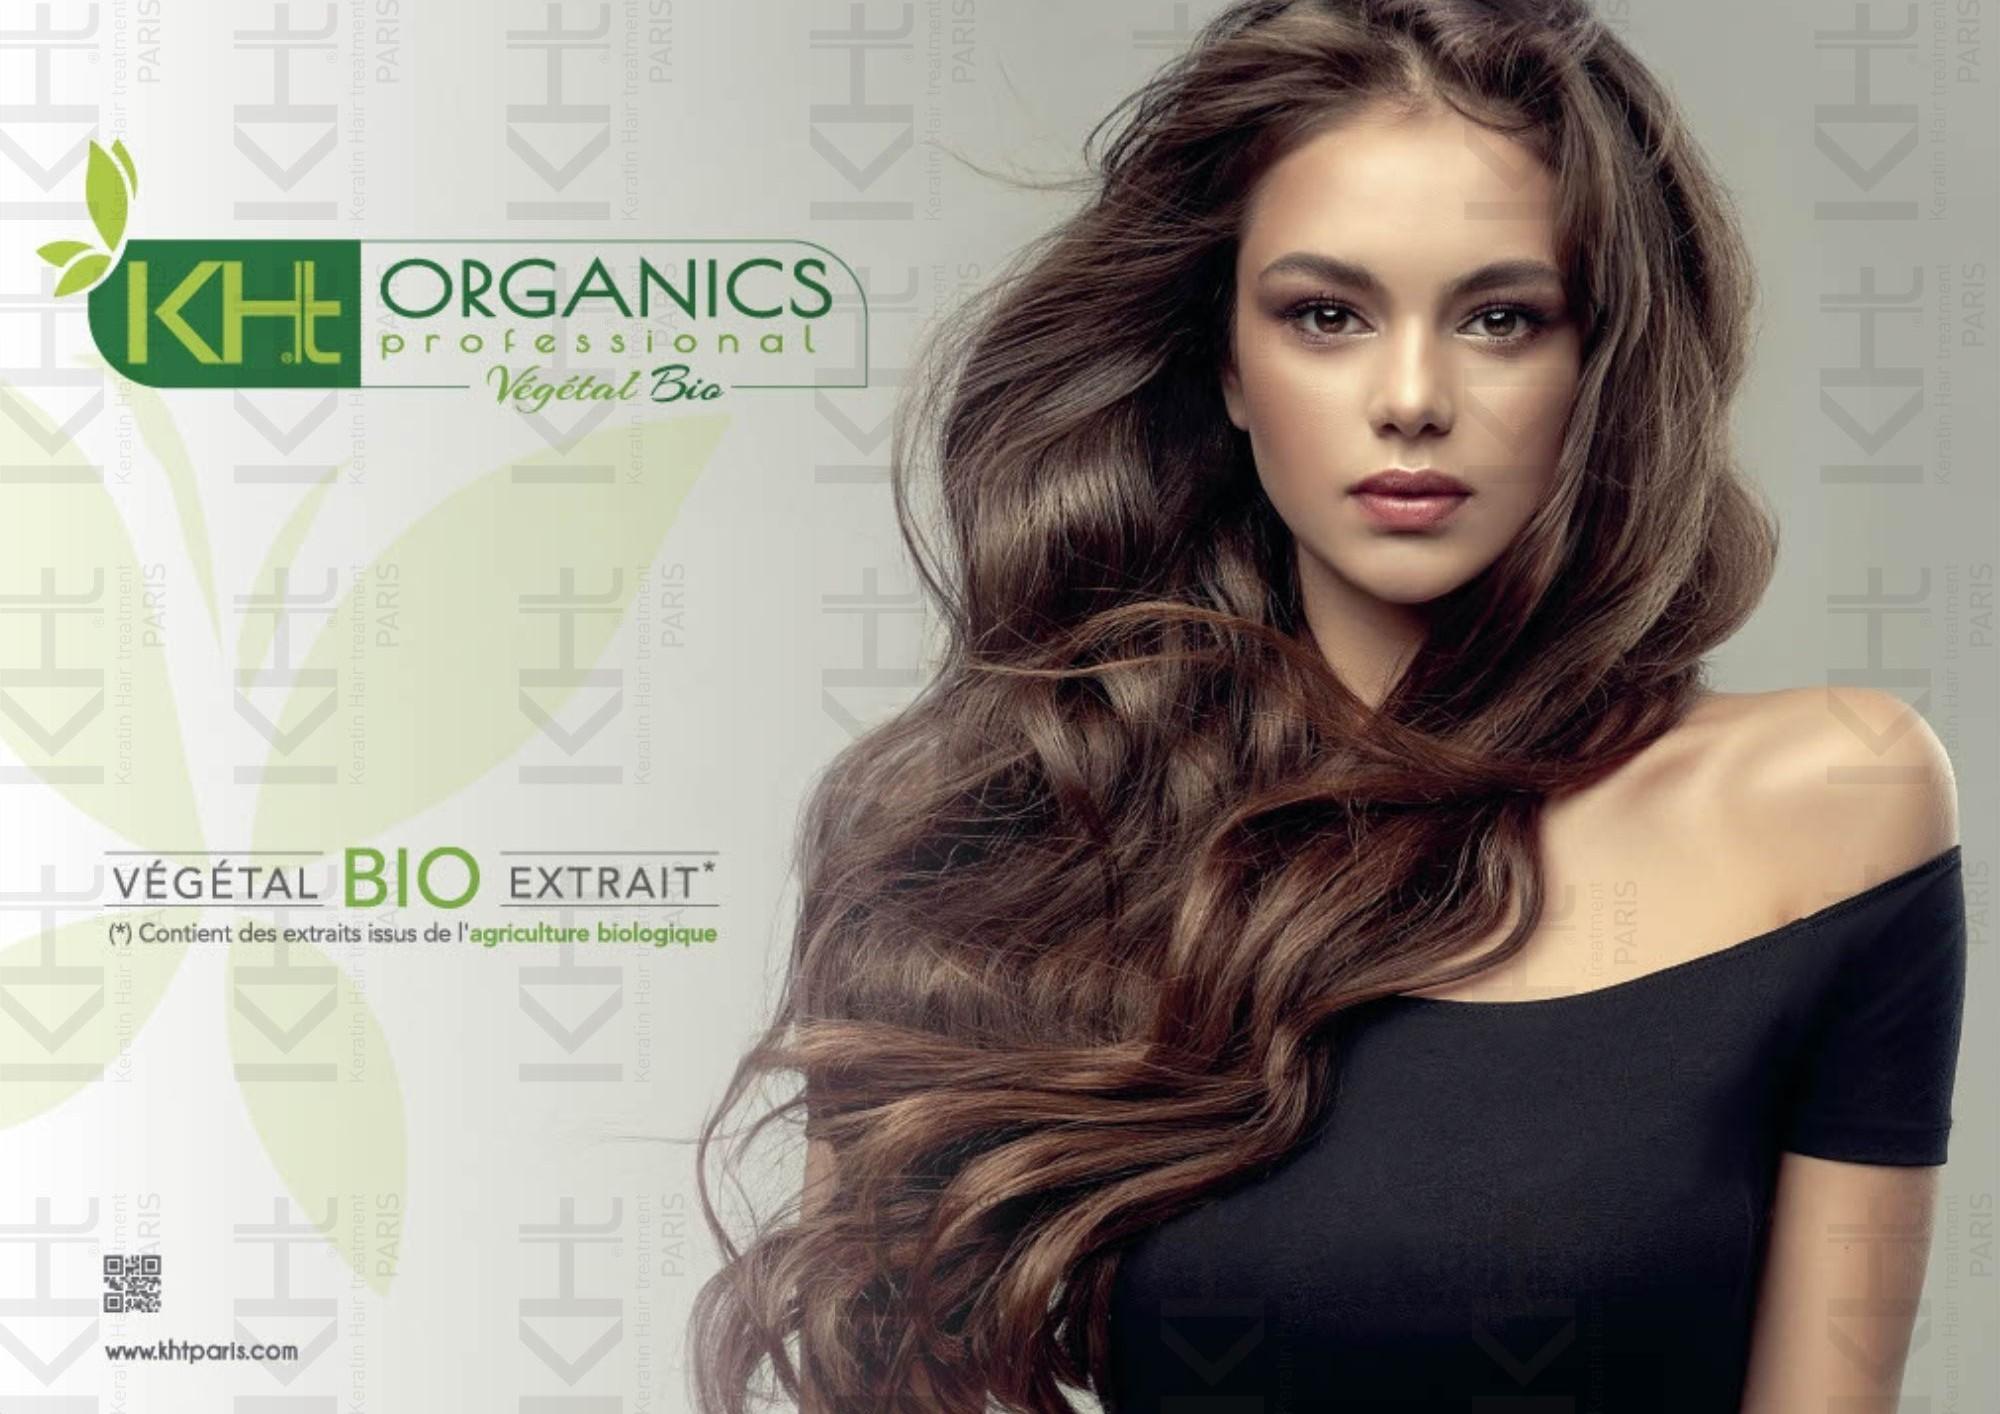 KHT Organics